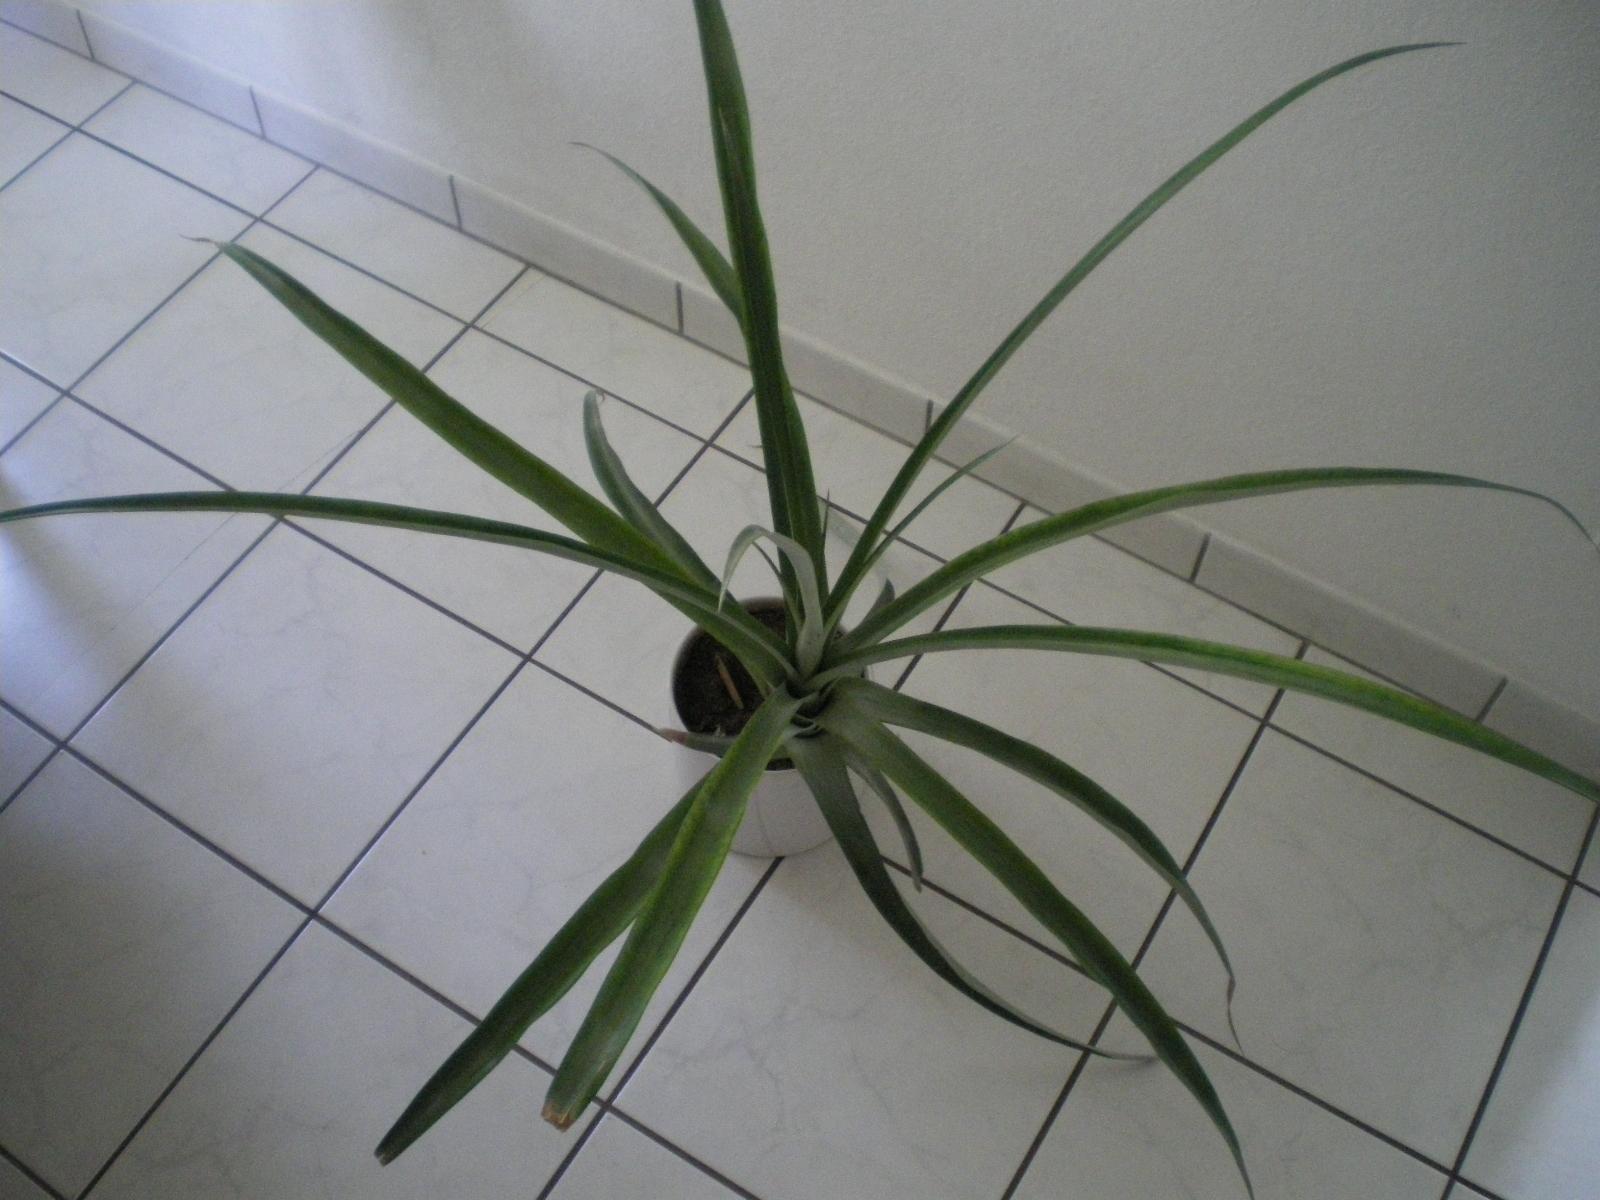 ananas anzucht und pflegeanleitungen exotischer pflanzen vermehrung wachsen z chten. Black Bedroom Furniture Sets. Home Design Ideas